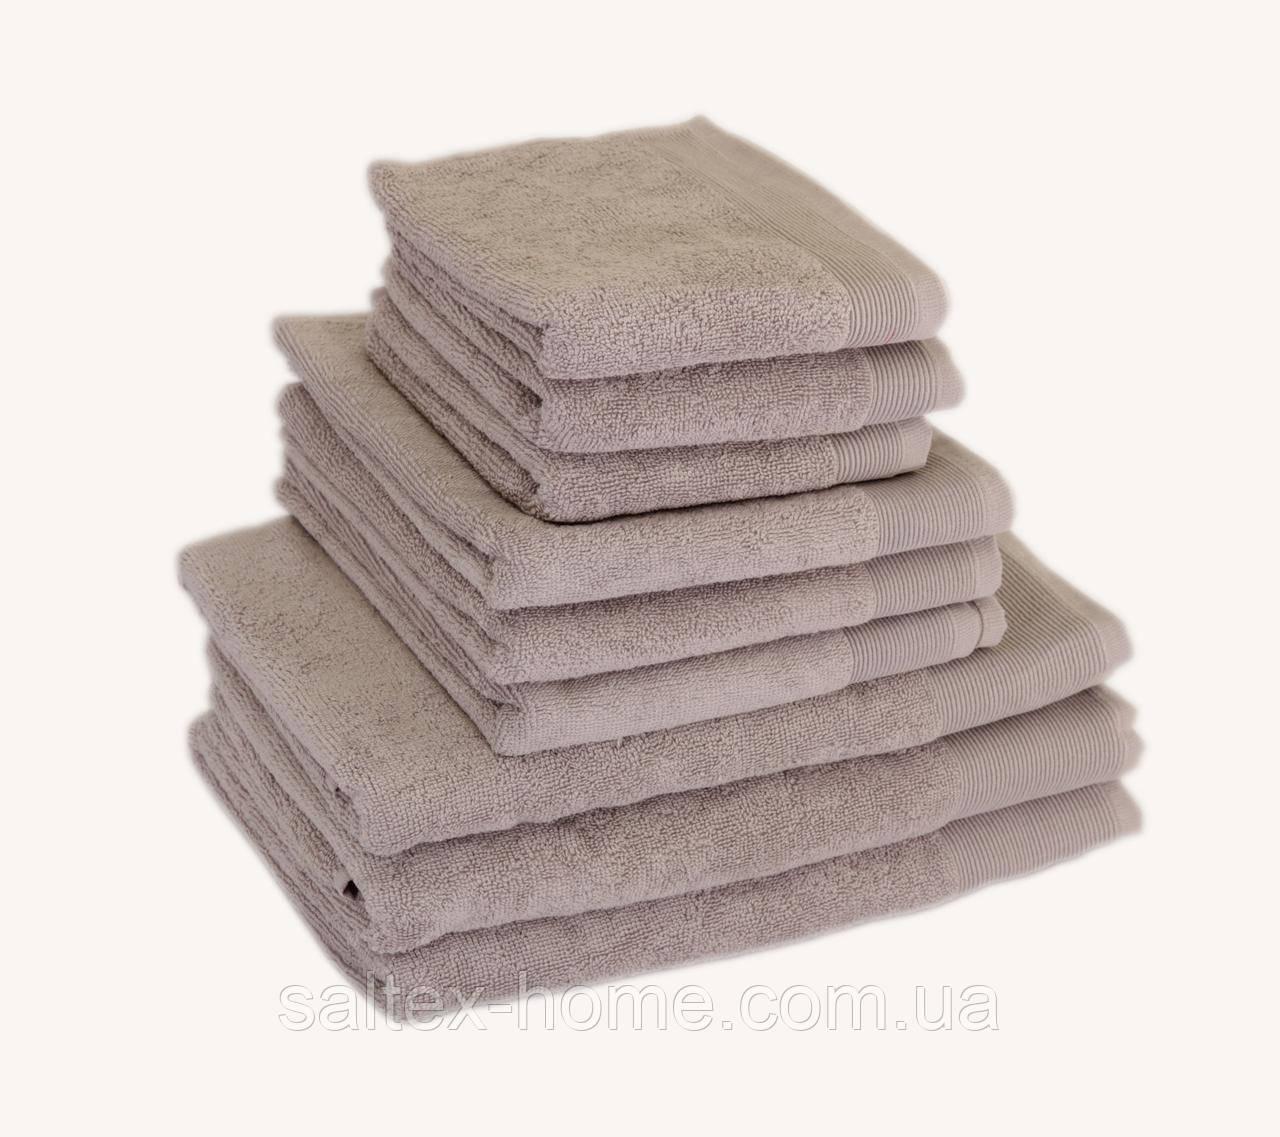 Махровое полотенце для волос 50х90см, Индия, 500 г/м, цвет мокко